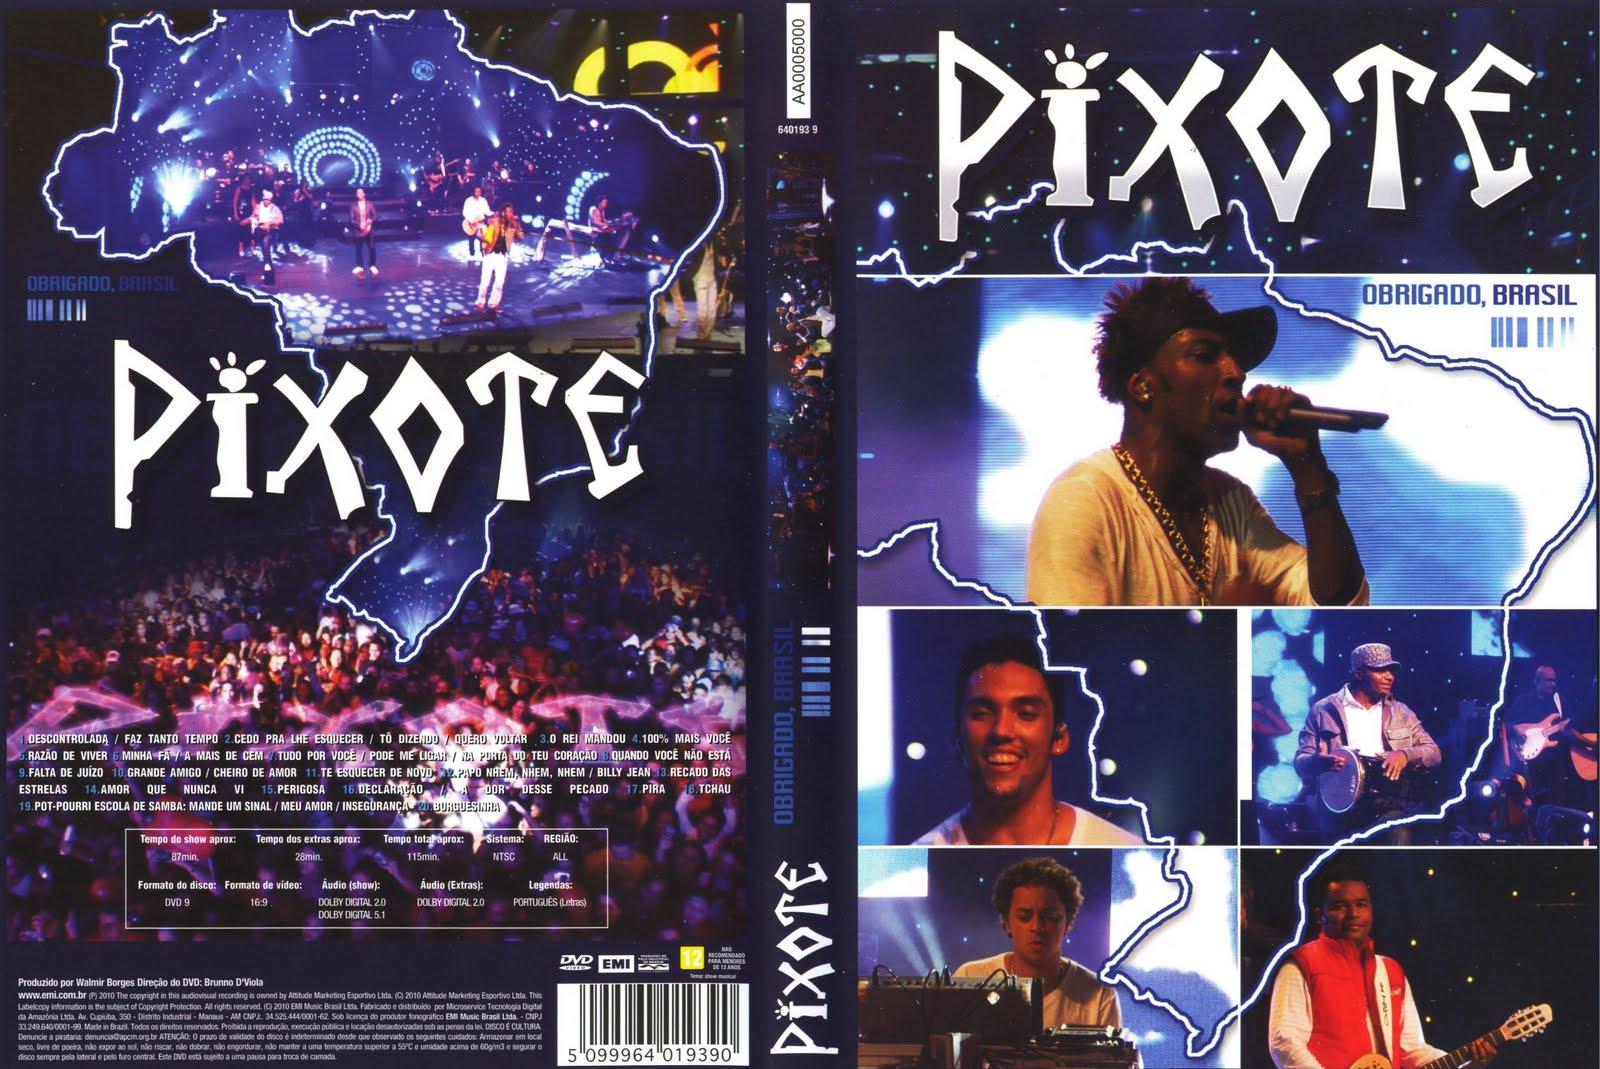 dvd do pixote 2010 para